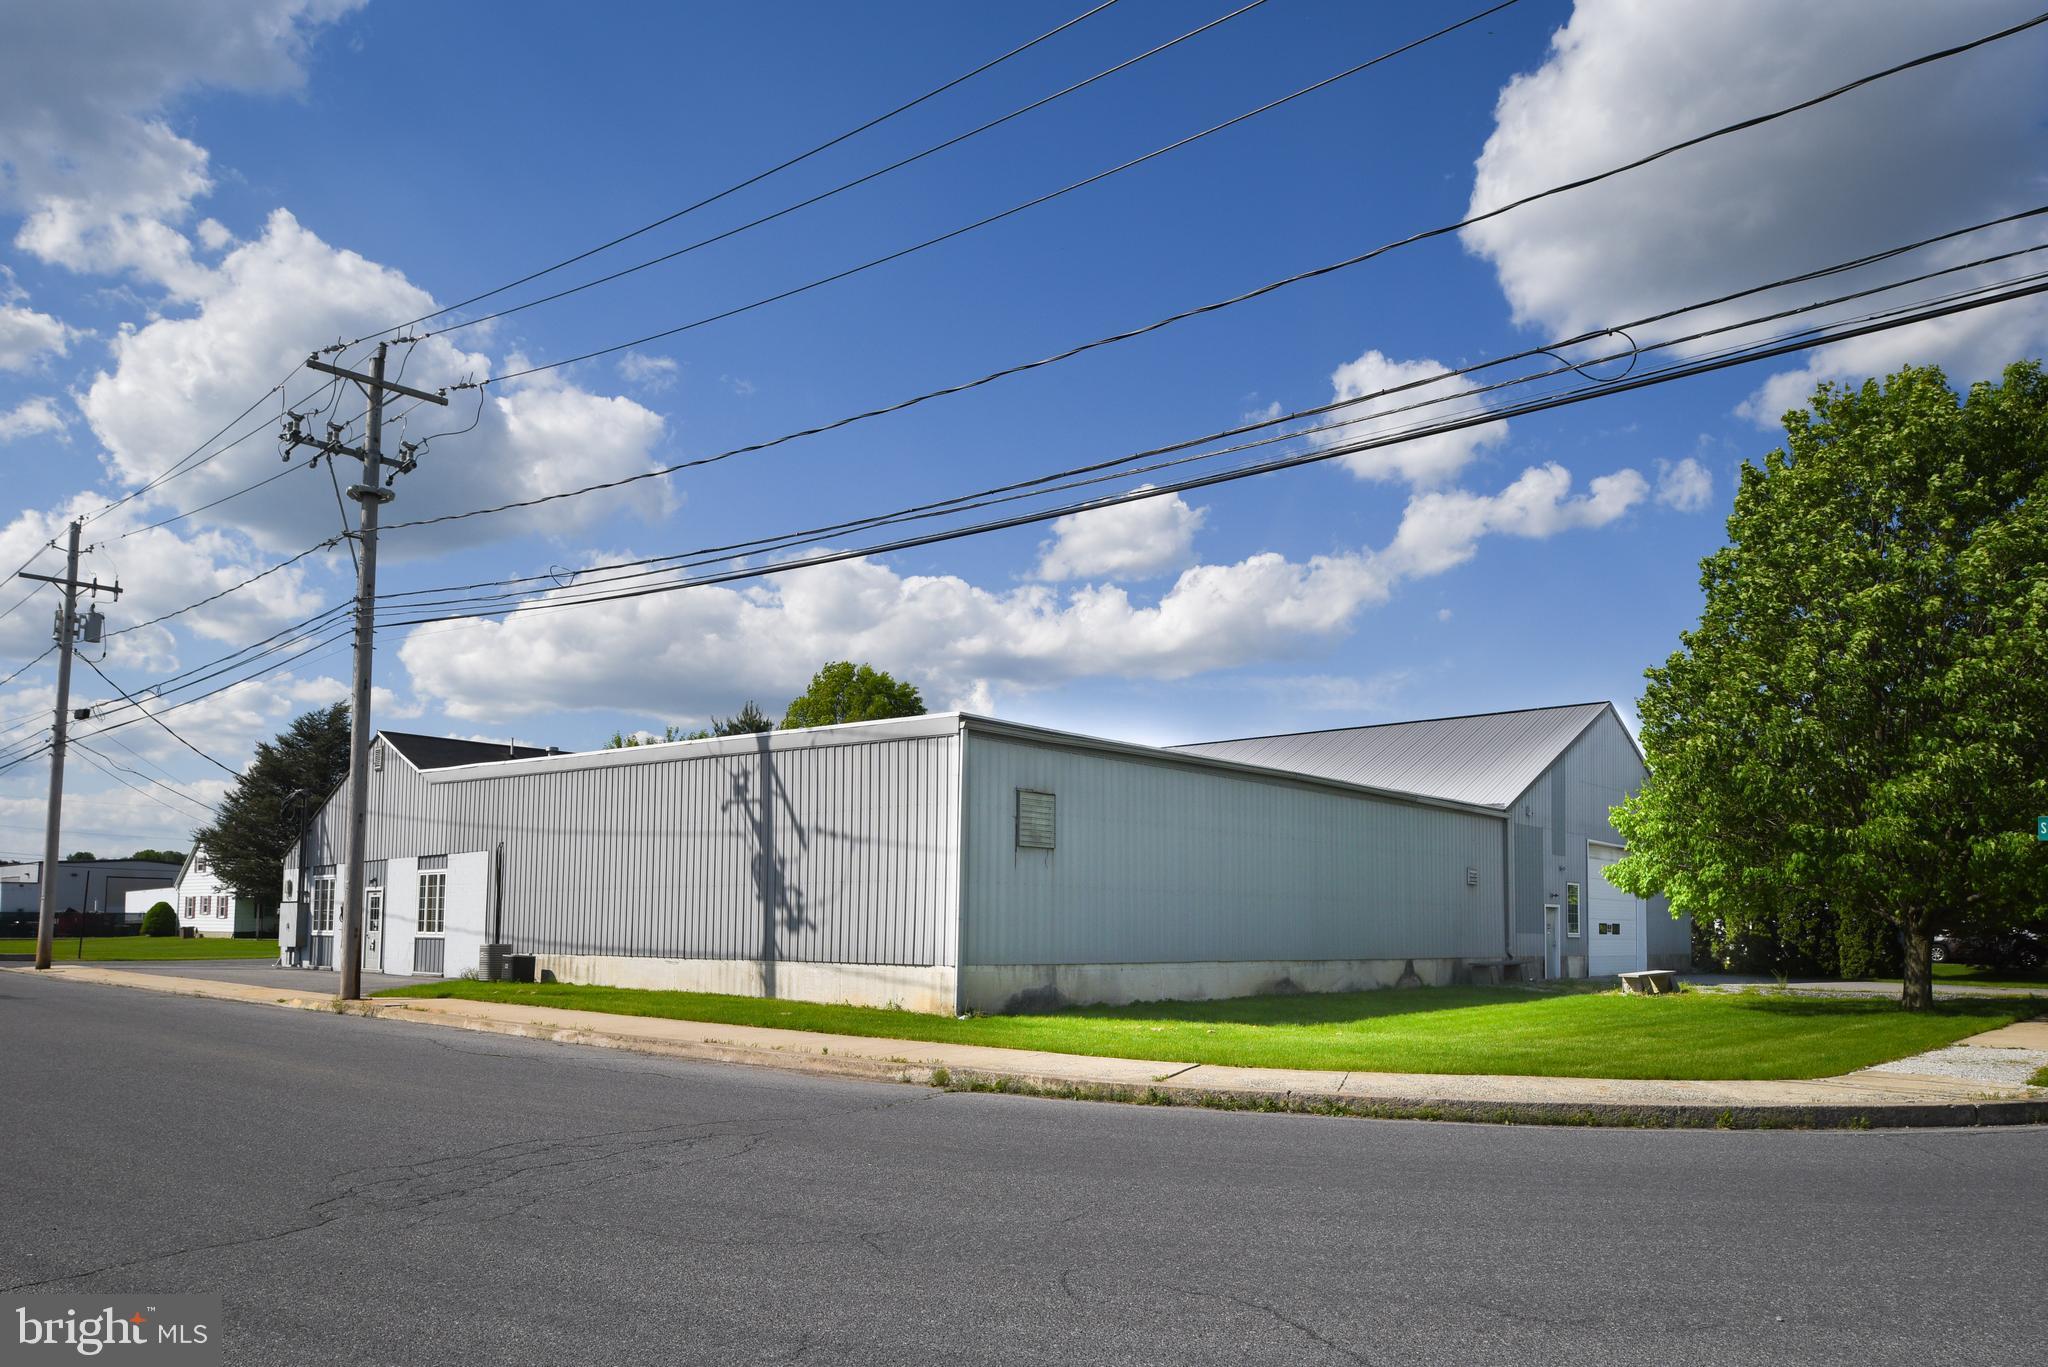 220 S MAPLE STREET, KUTZTOWN, PA 19530